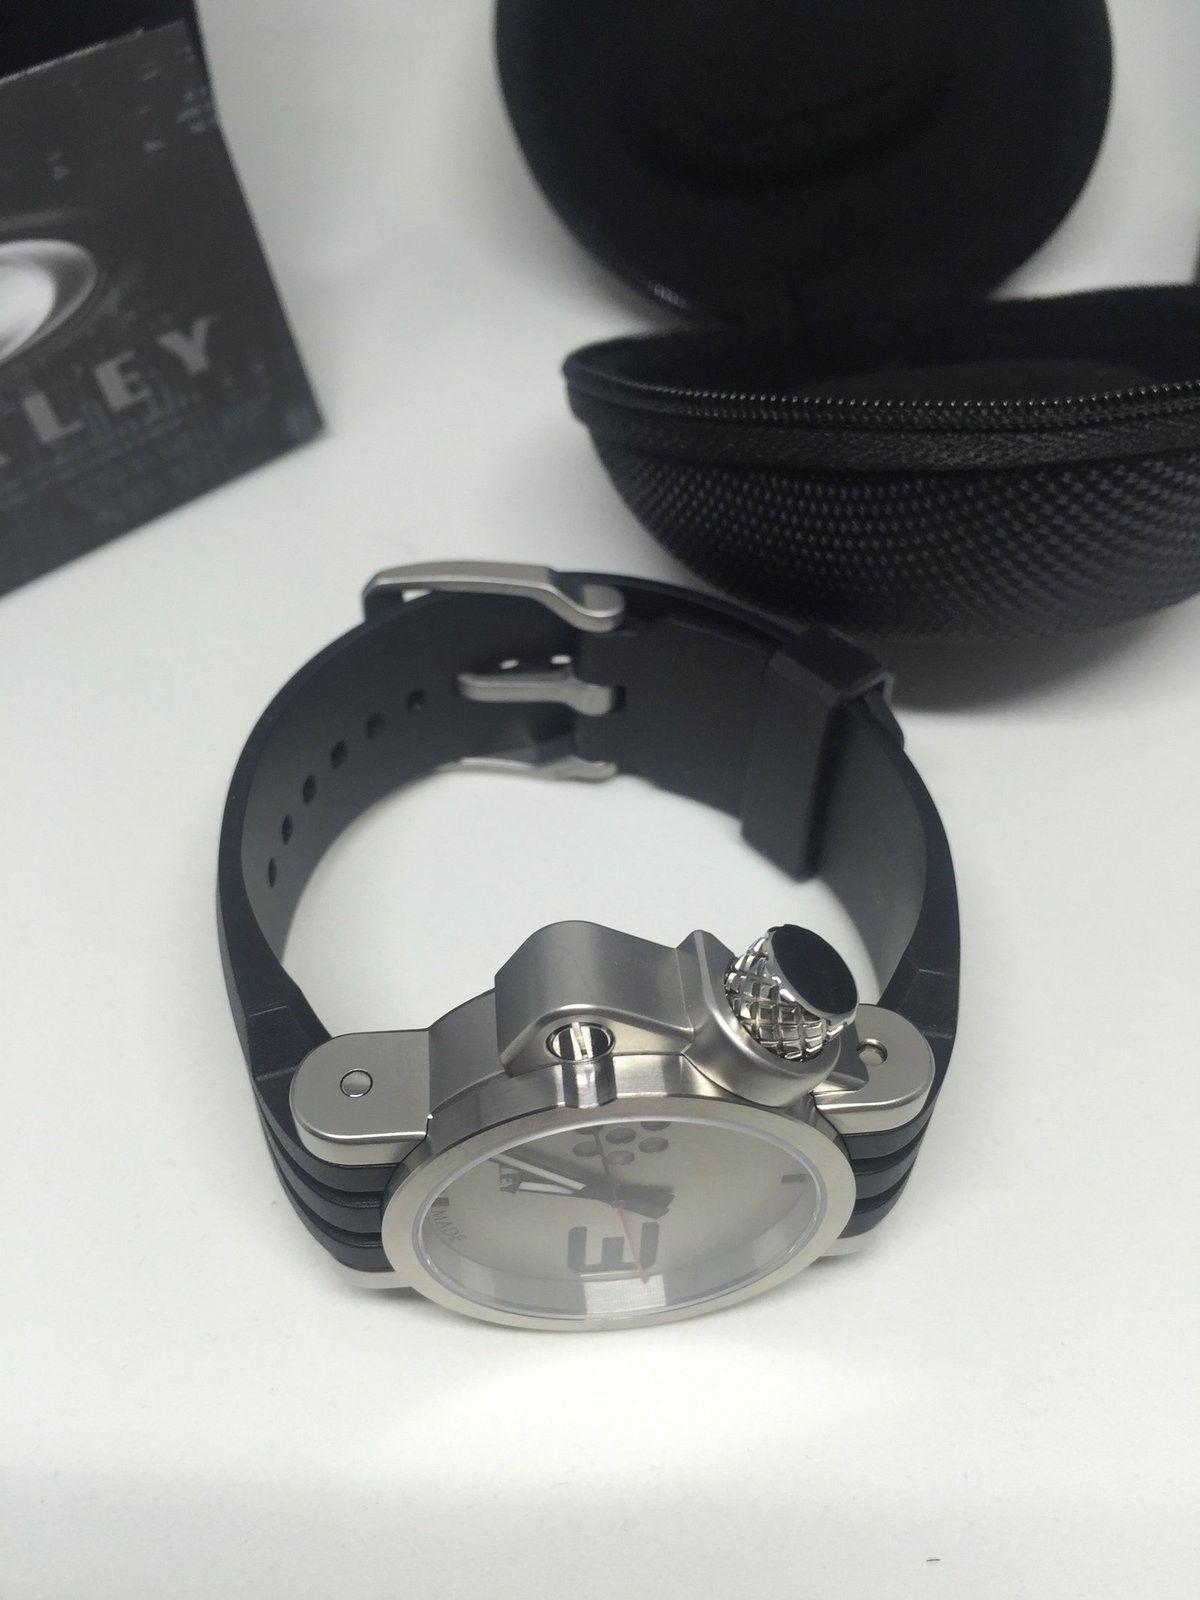 LNIB transfer case watch - IMG_1799[1].JPG